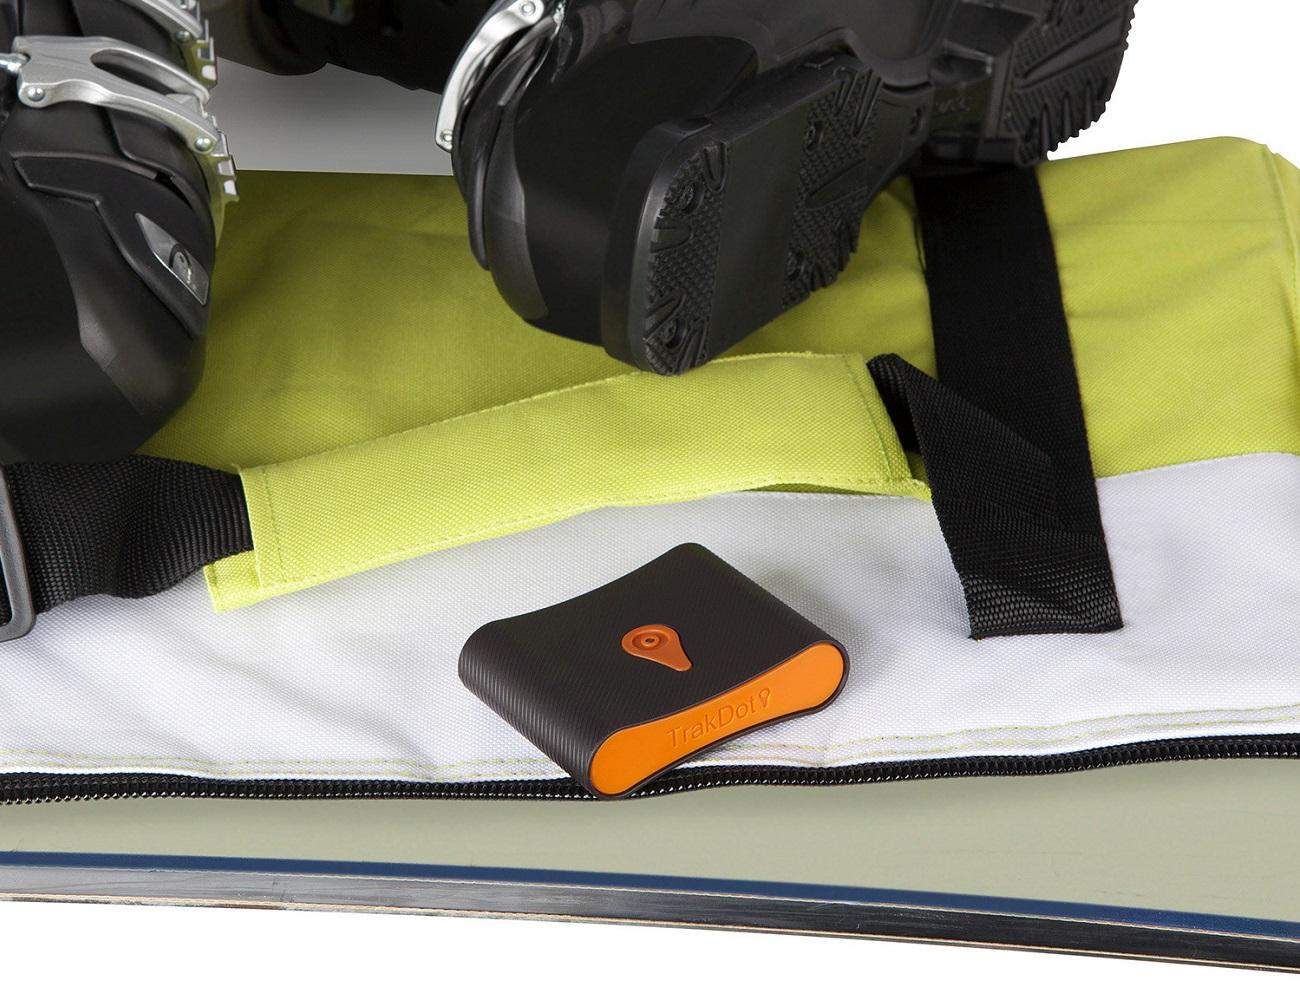 Trakdot Luggage Monitor